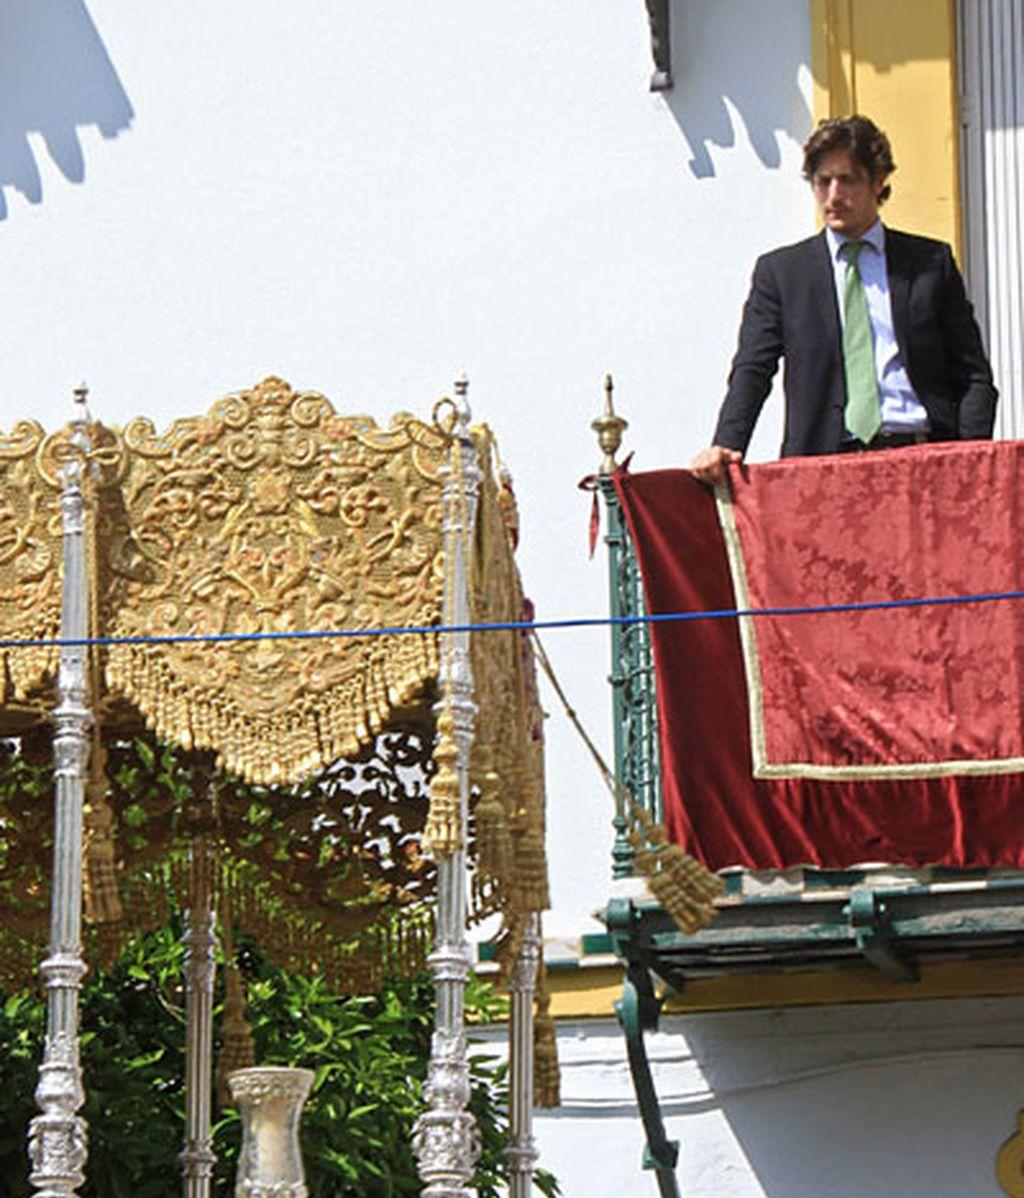 Luis Medina, porte aristócrata en Sevilla